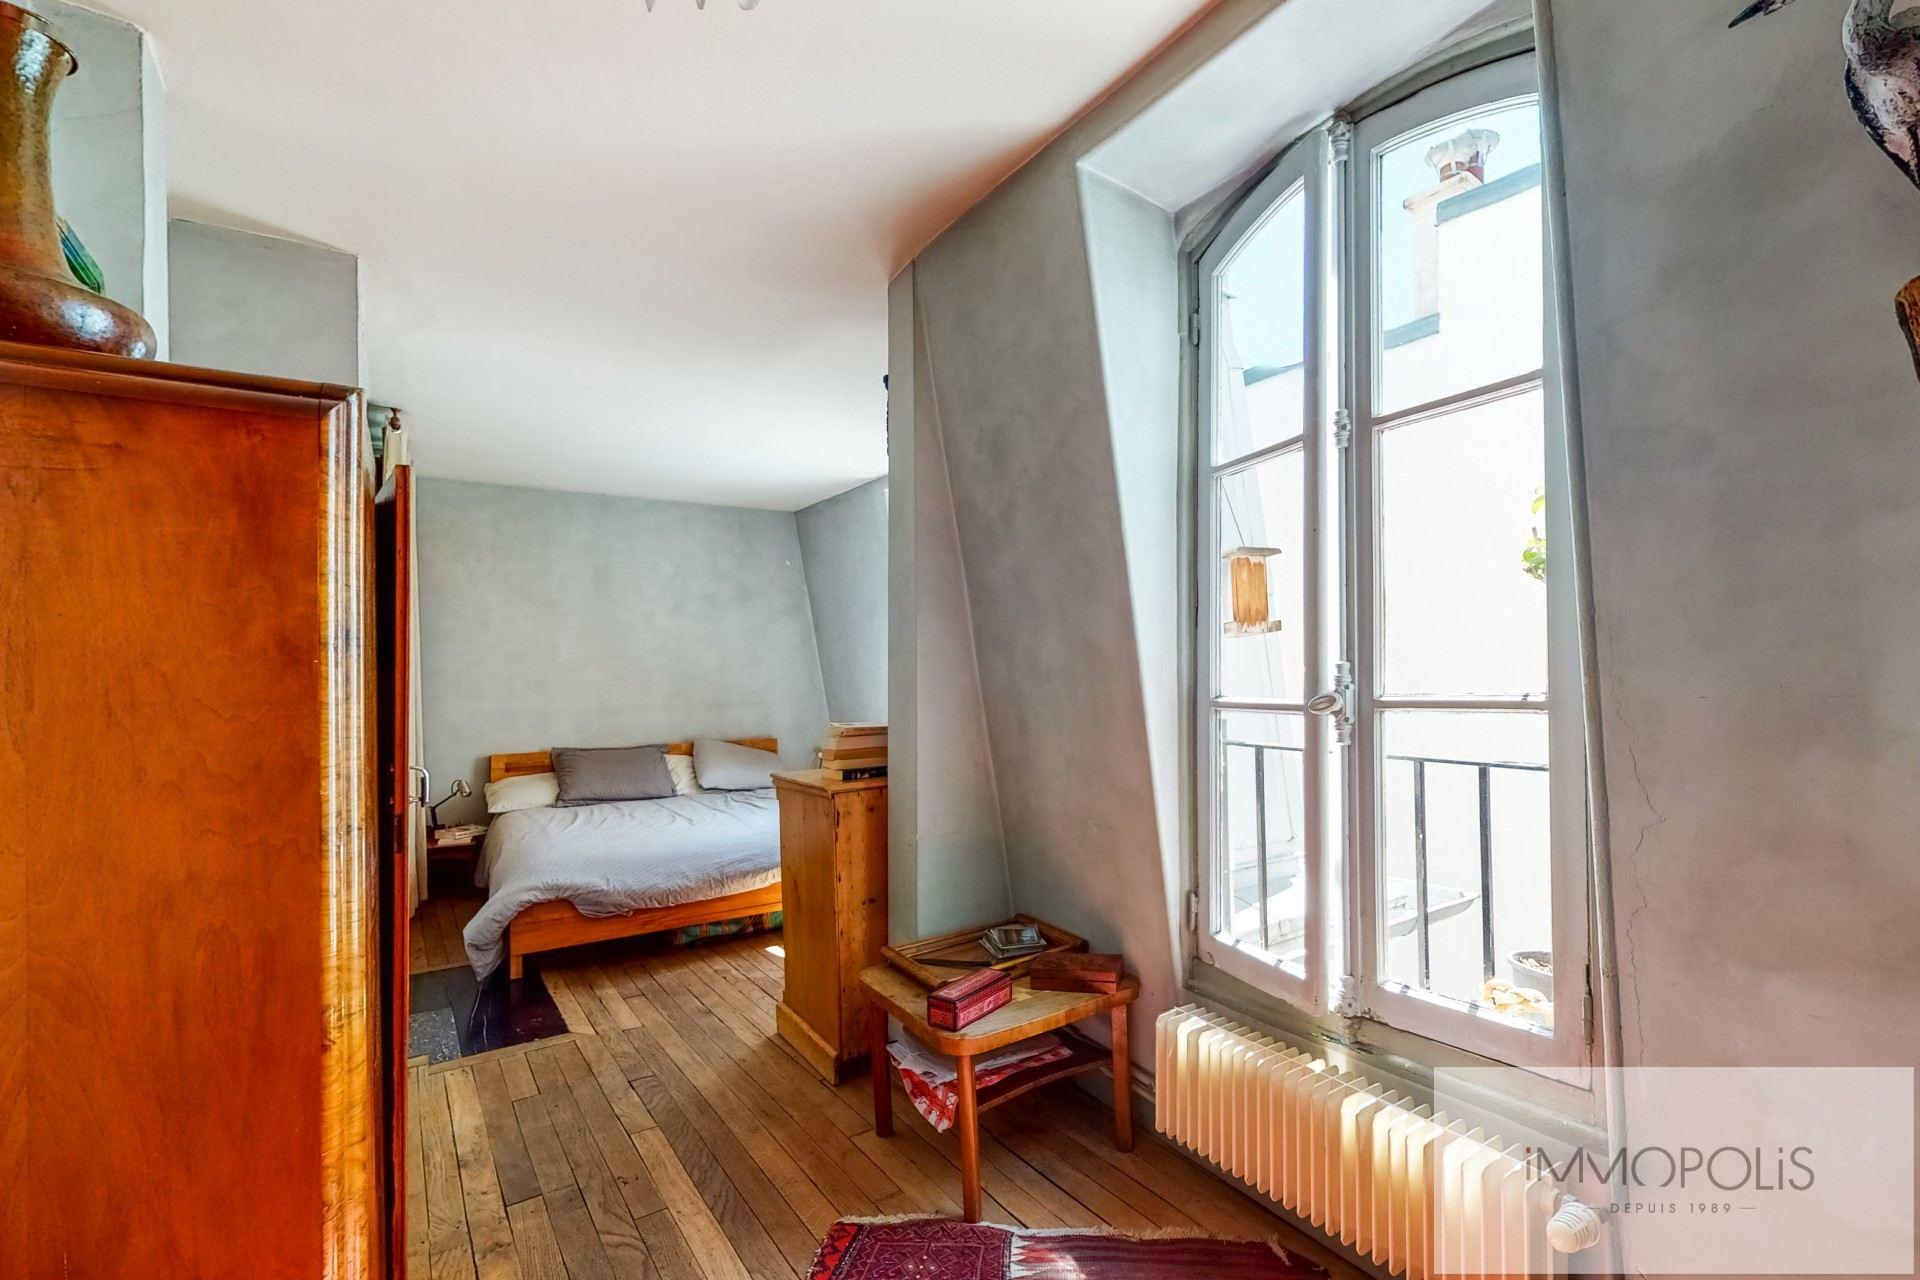 Appartement atypique à rénover, plein de charme, Rue Richard Lenoir – Paris XIème. 4